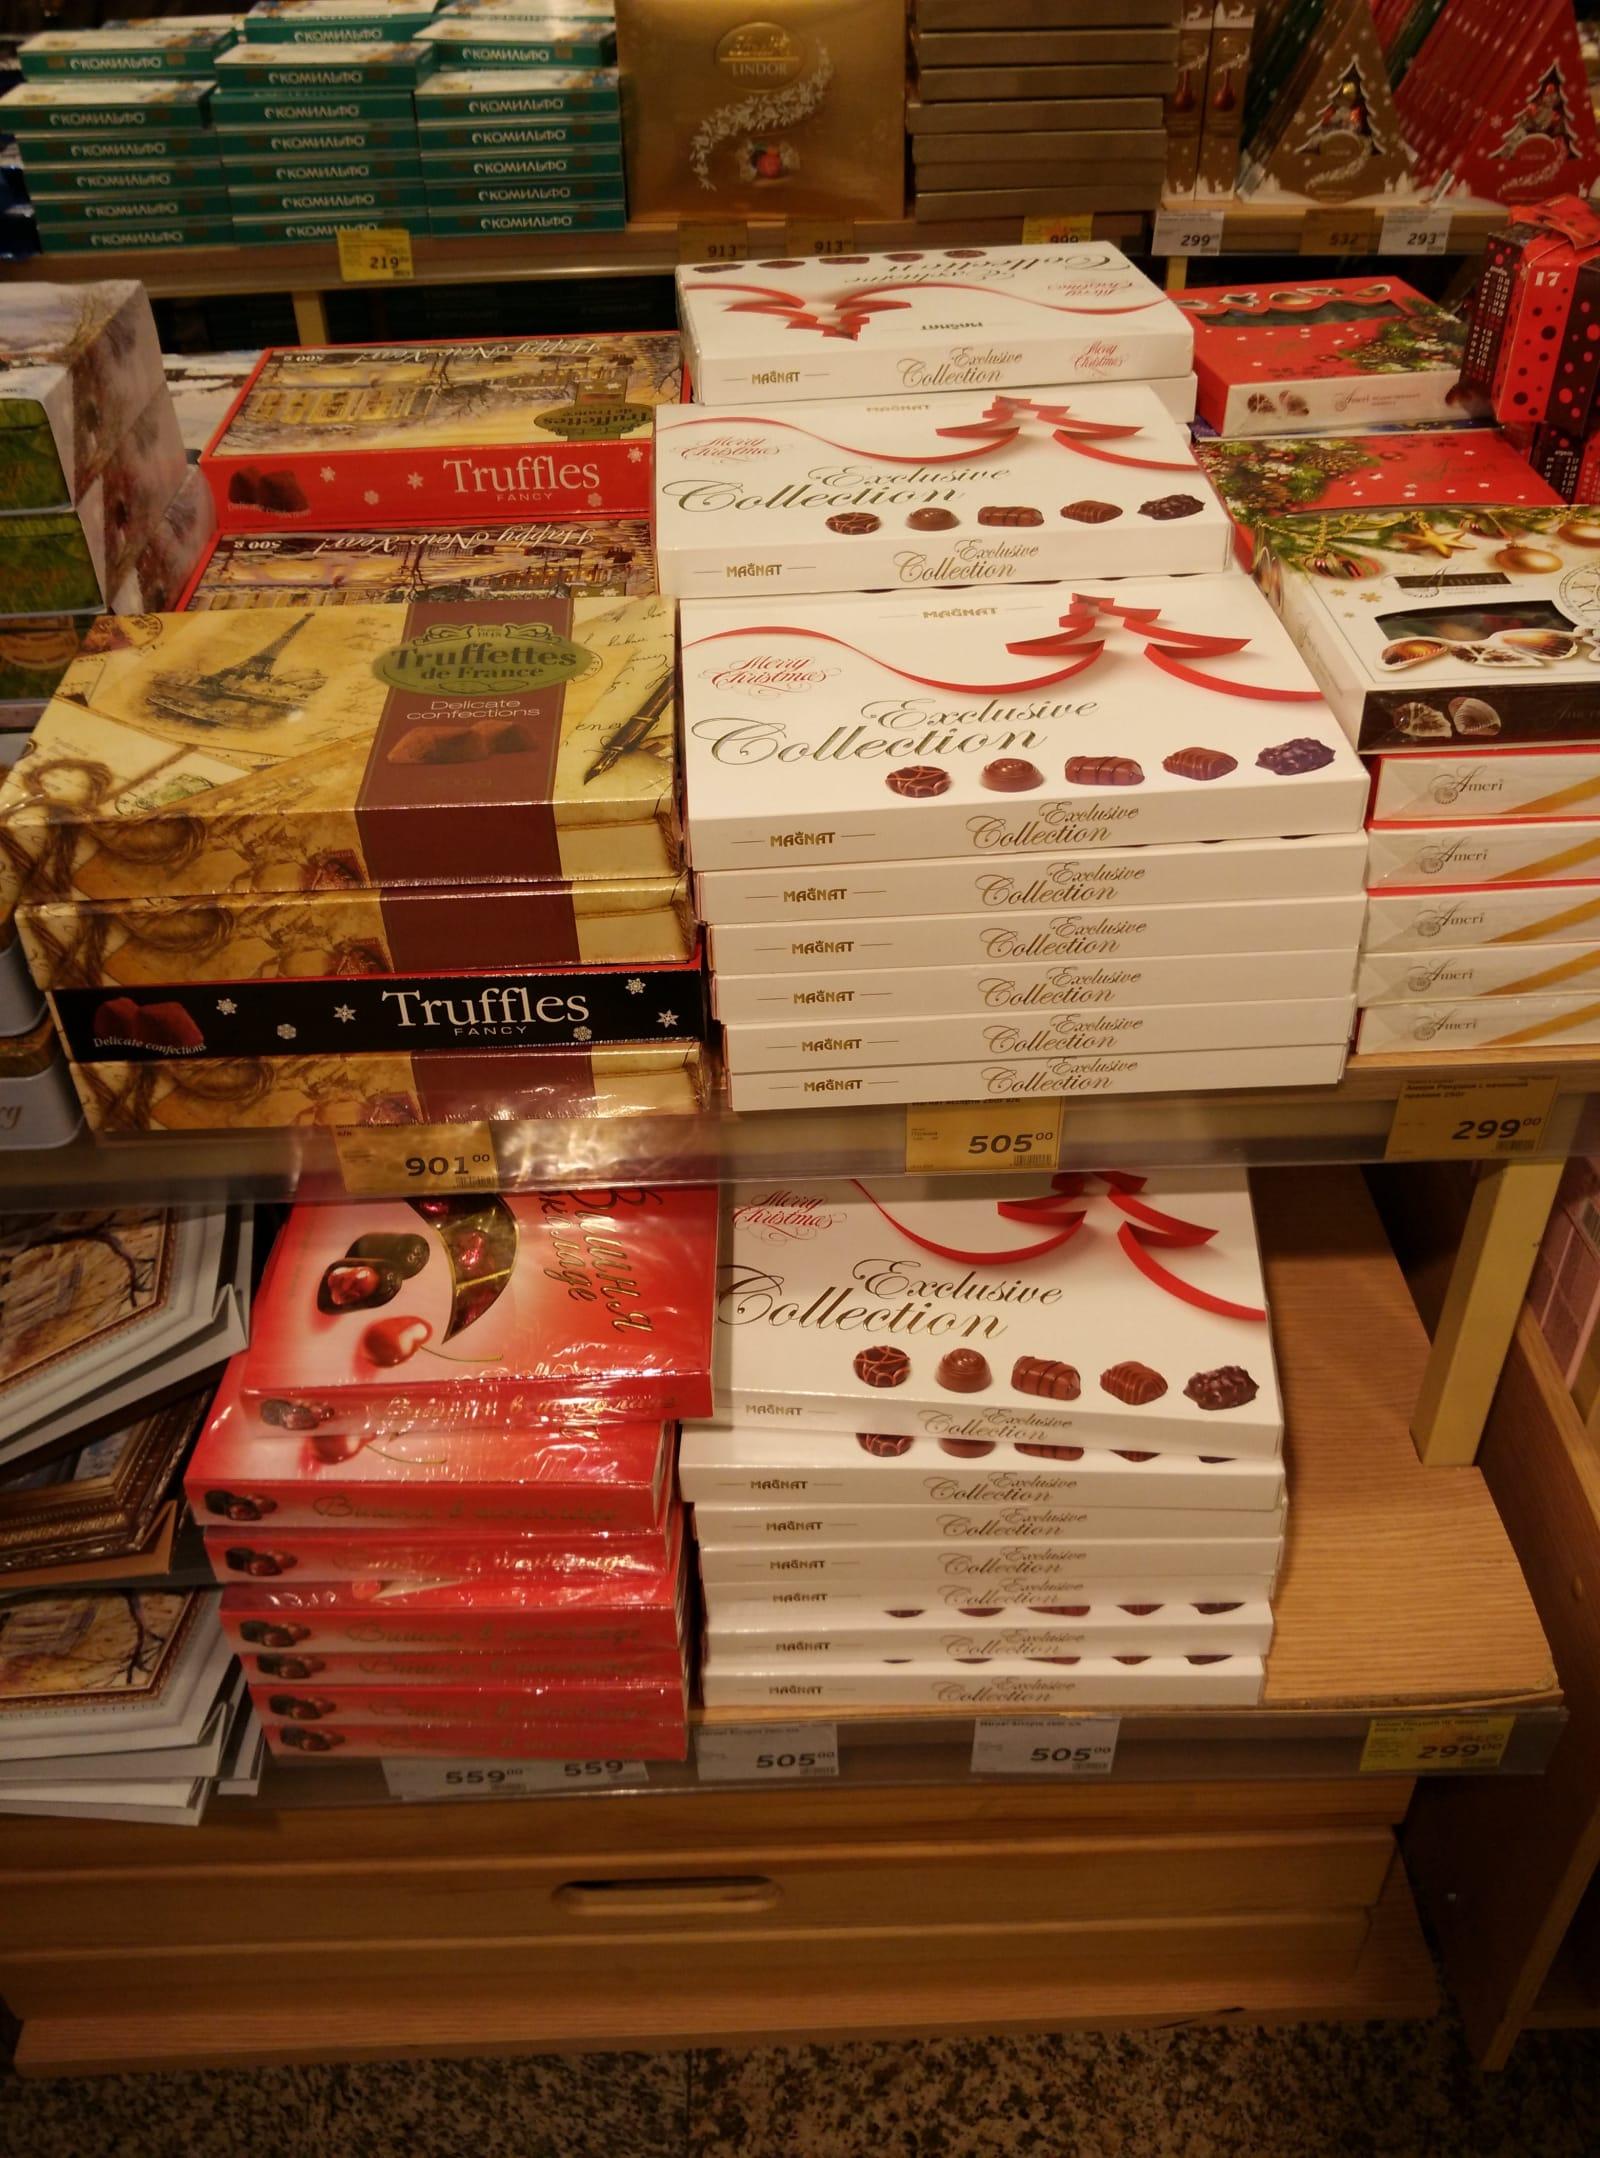 俄罗斯超市巧克力|俄罗斯留学物价|俄罗斯超市物价|俄罗斯留学